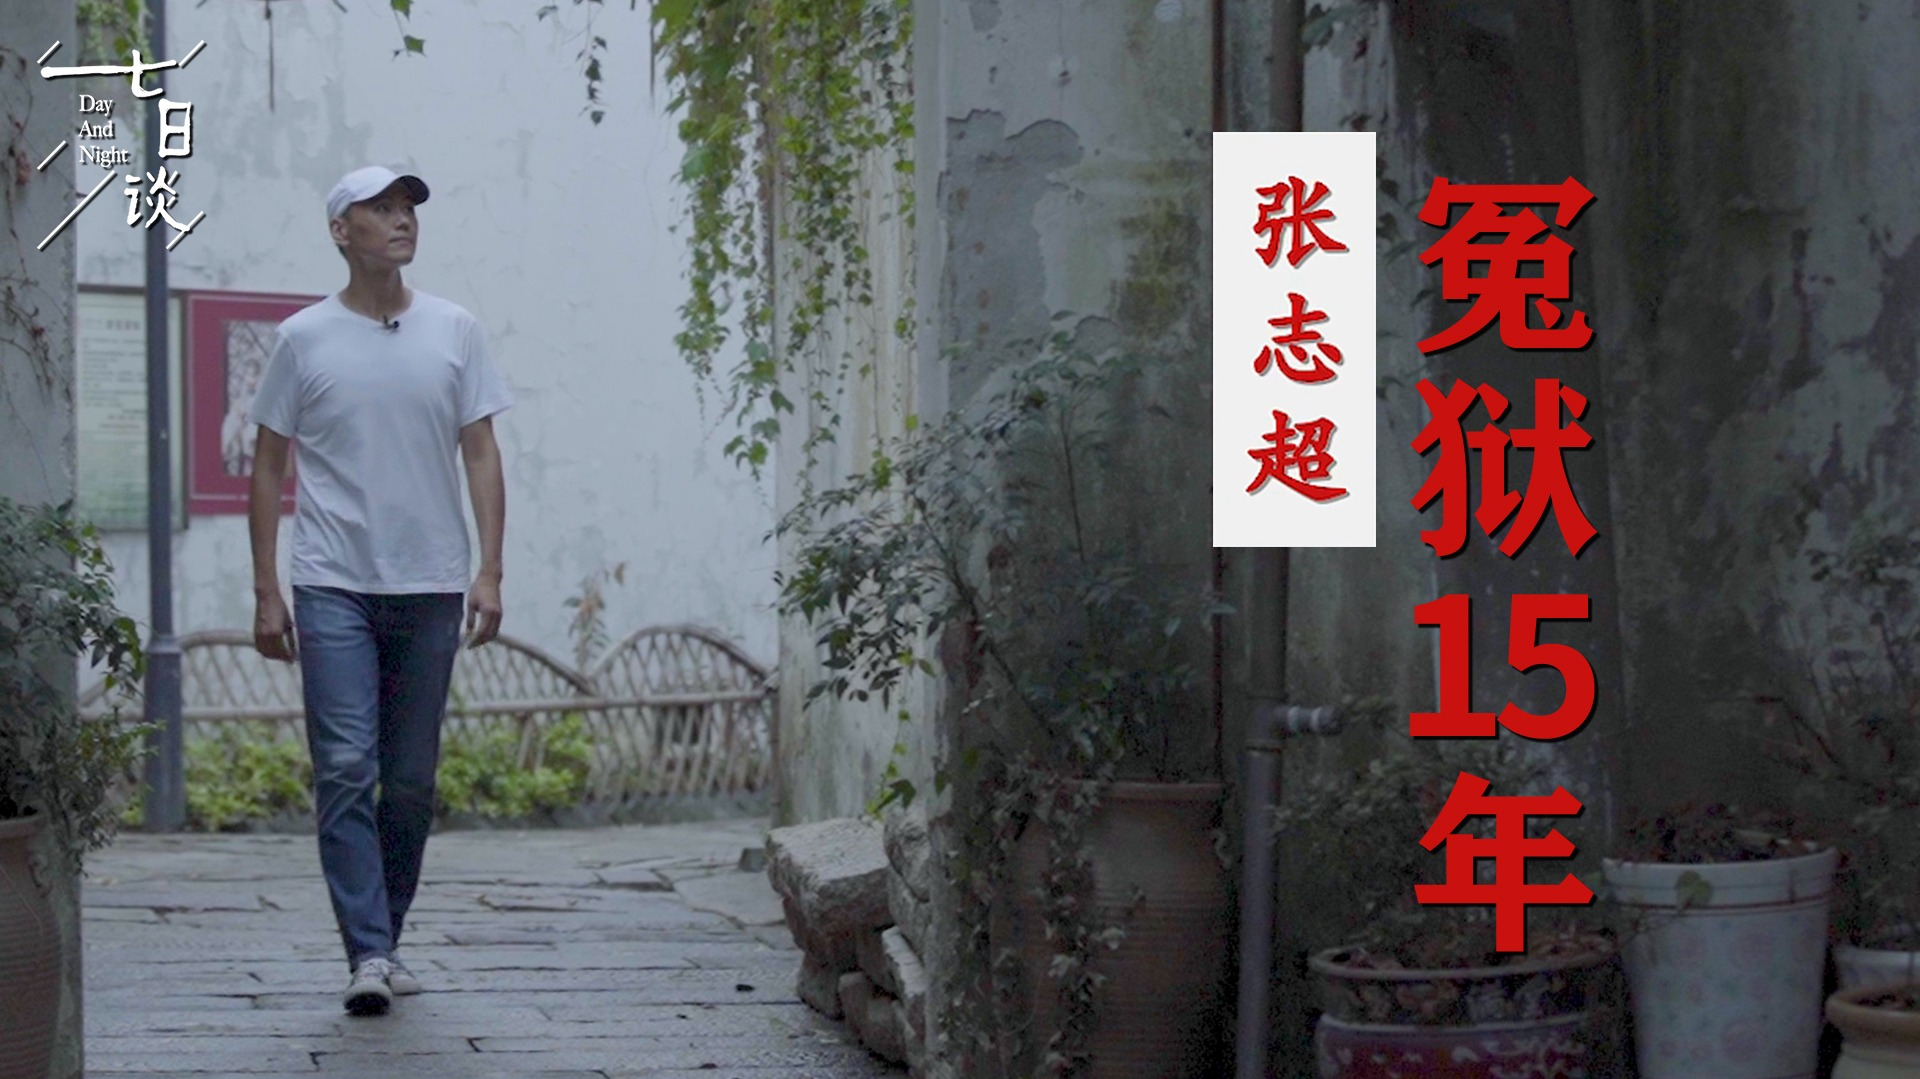 七日谈 | 张志超冤狱15年:大年初三被抓 此后过年都像噩梦